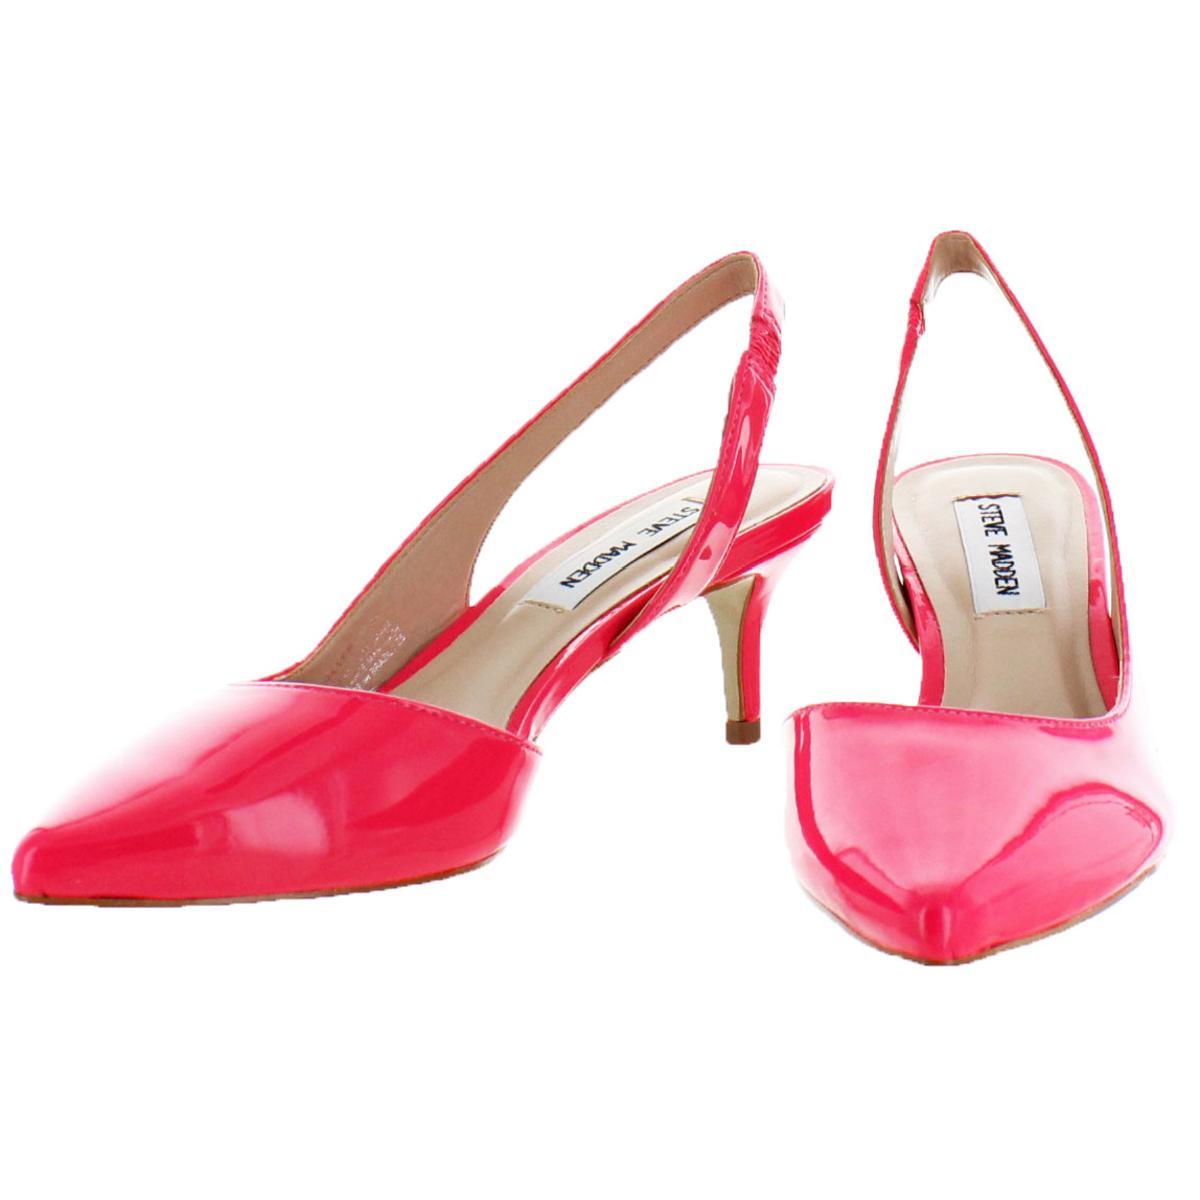 Steve-Madden-Vera-Women-039-s-Slip-On-Pointed-Toe-Half-d-039-Orsay-Slingback-Heels thumbnail 5